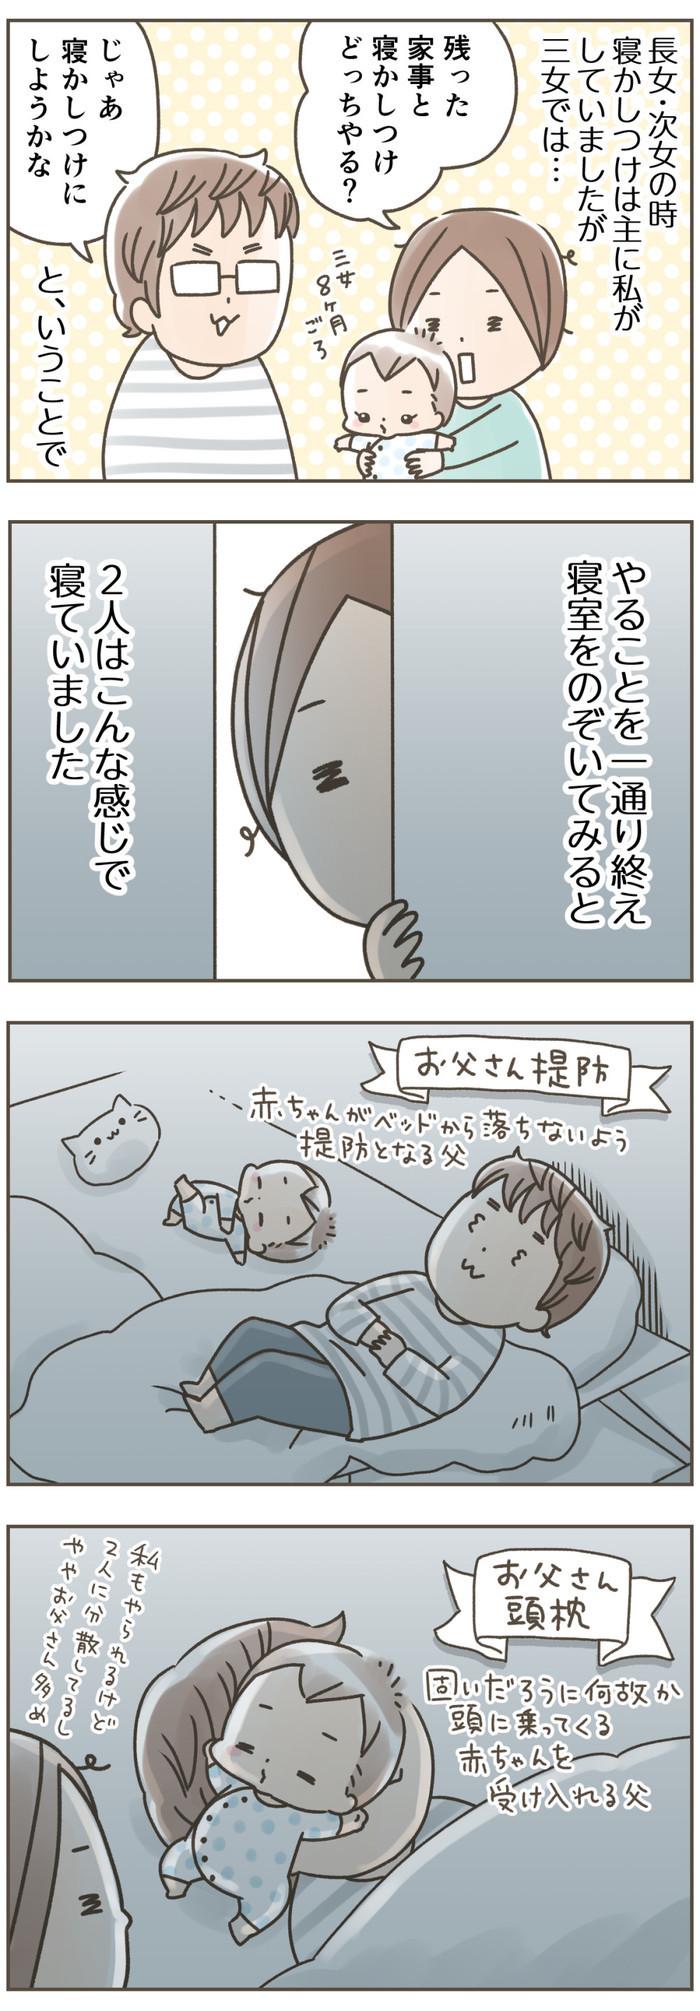 マスク嫌~!な息子たち(笑)…巣立ちの日、お母さんはこっそり泣きました…今週のおすすめ記事!の画像6